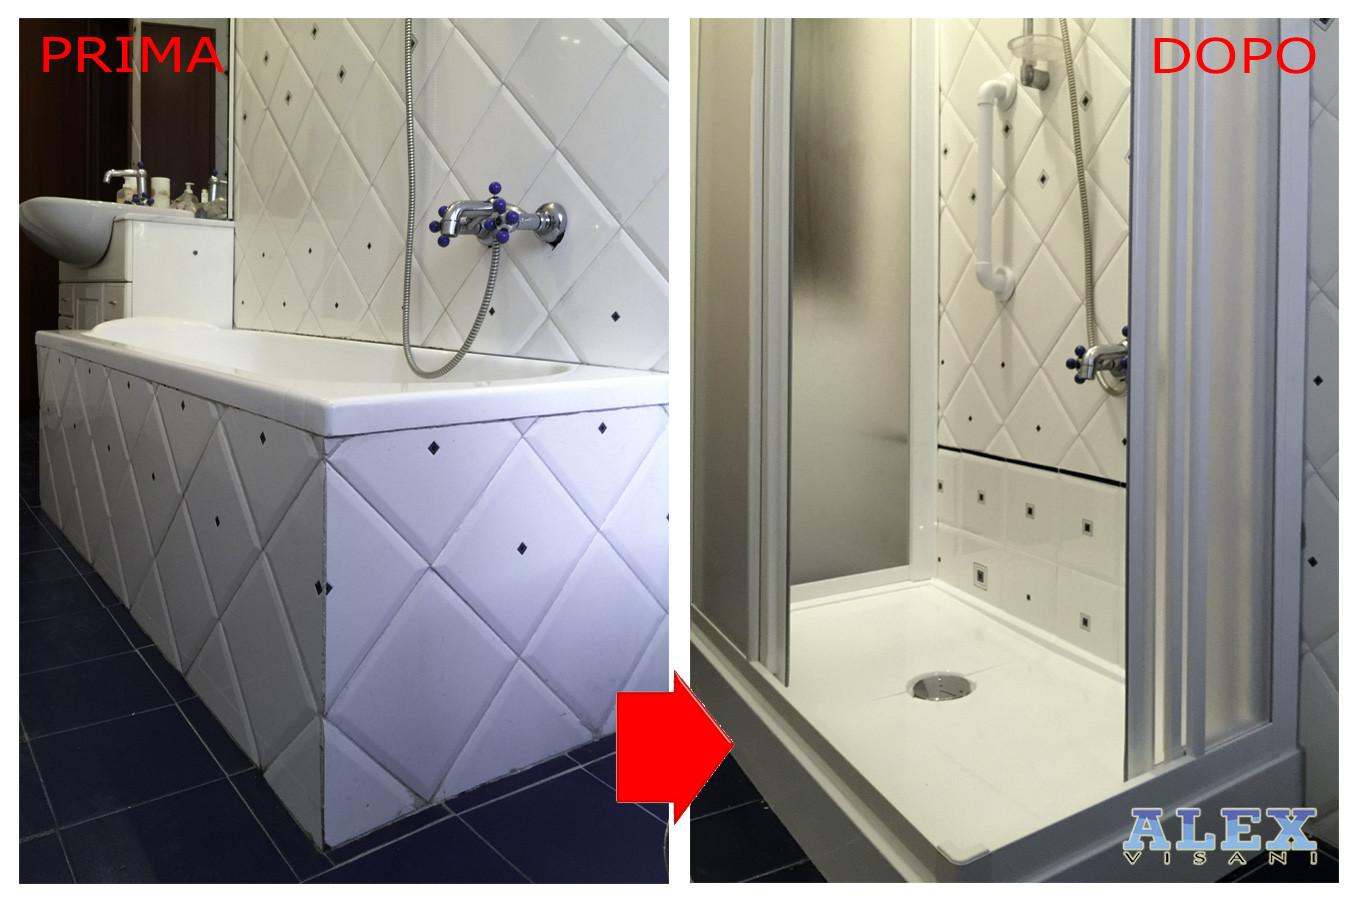 Cambio vasca con doccia a prato soluzione standard con box in aluminio alex vasche firenze - Cambio vasca da bagno ...